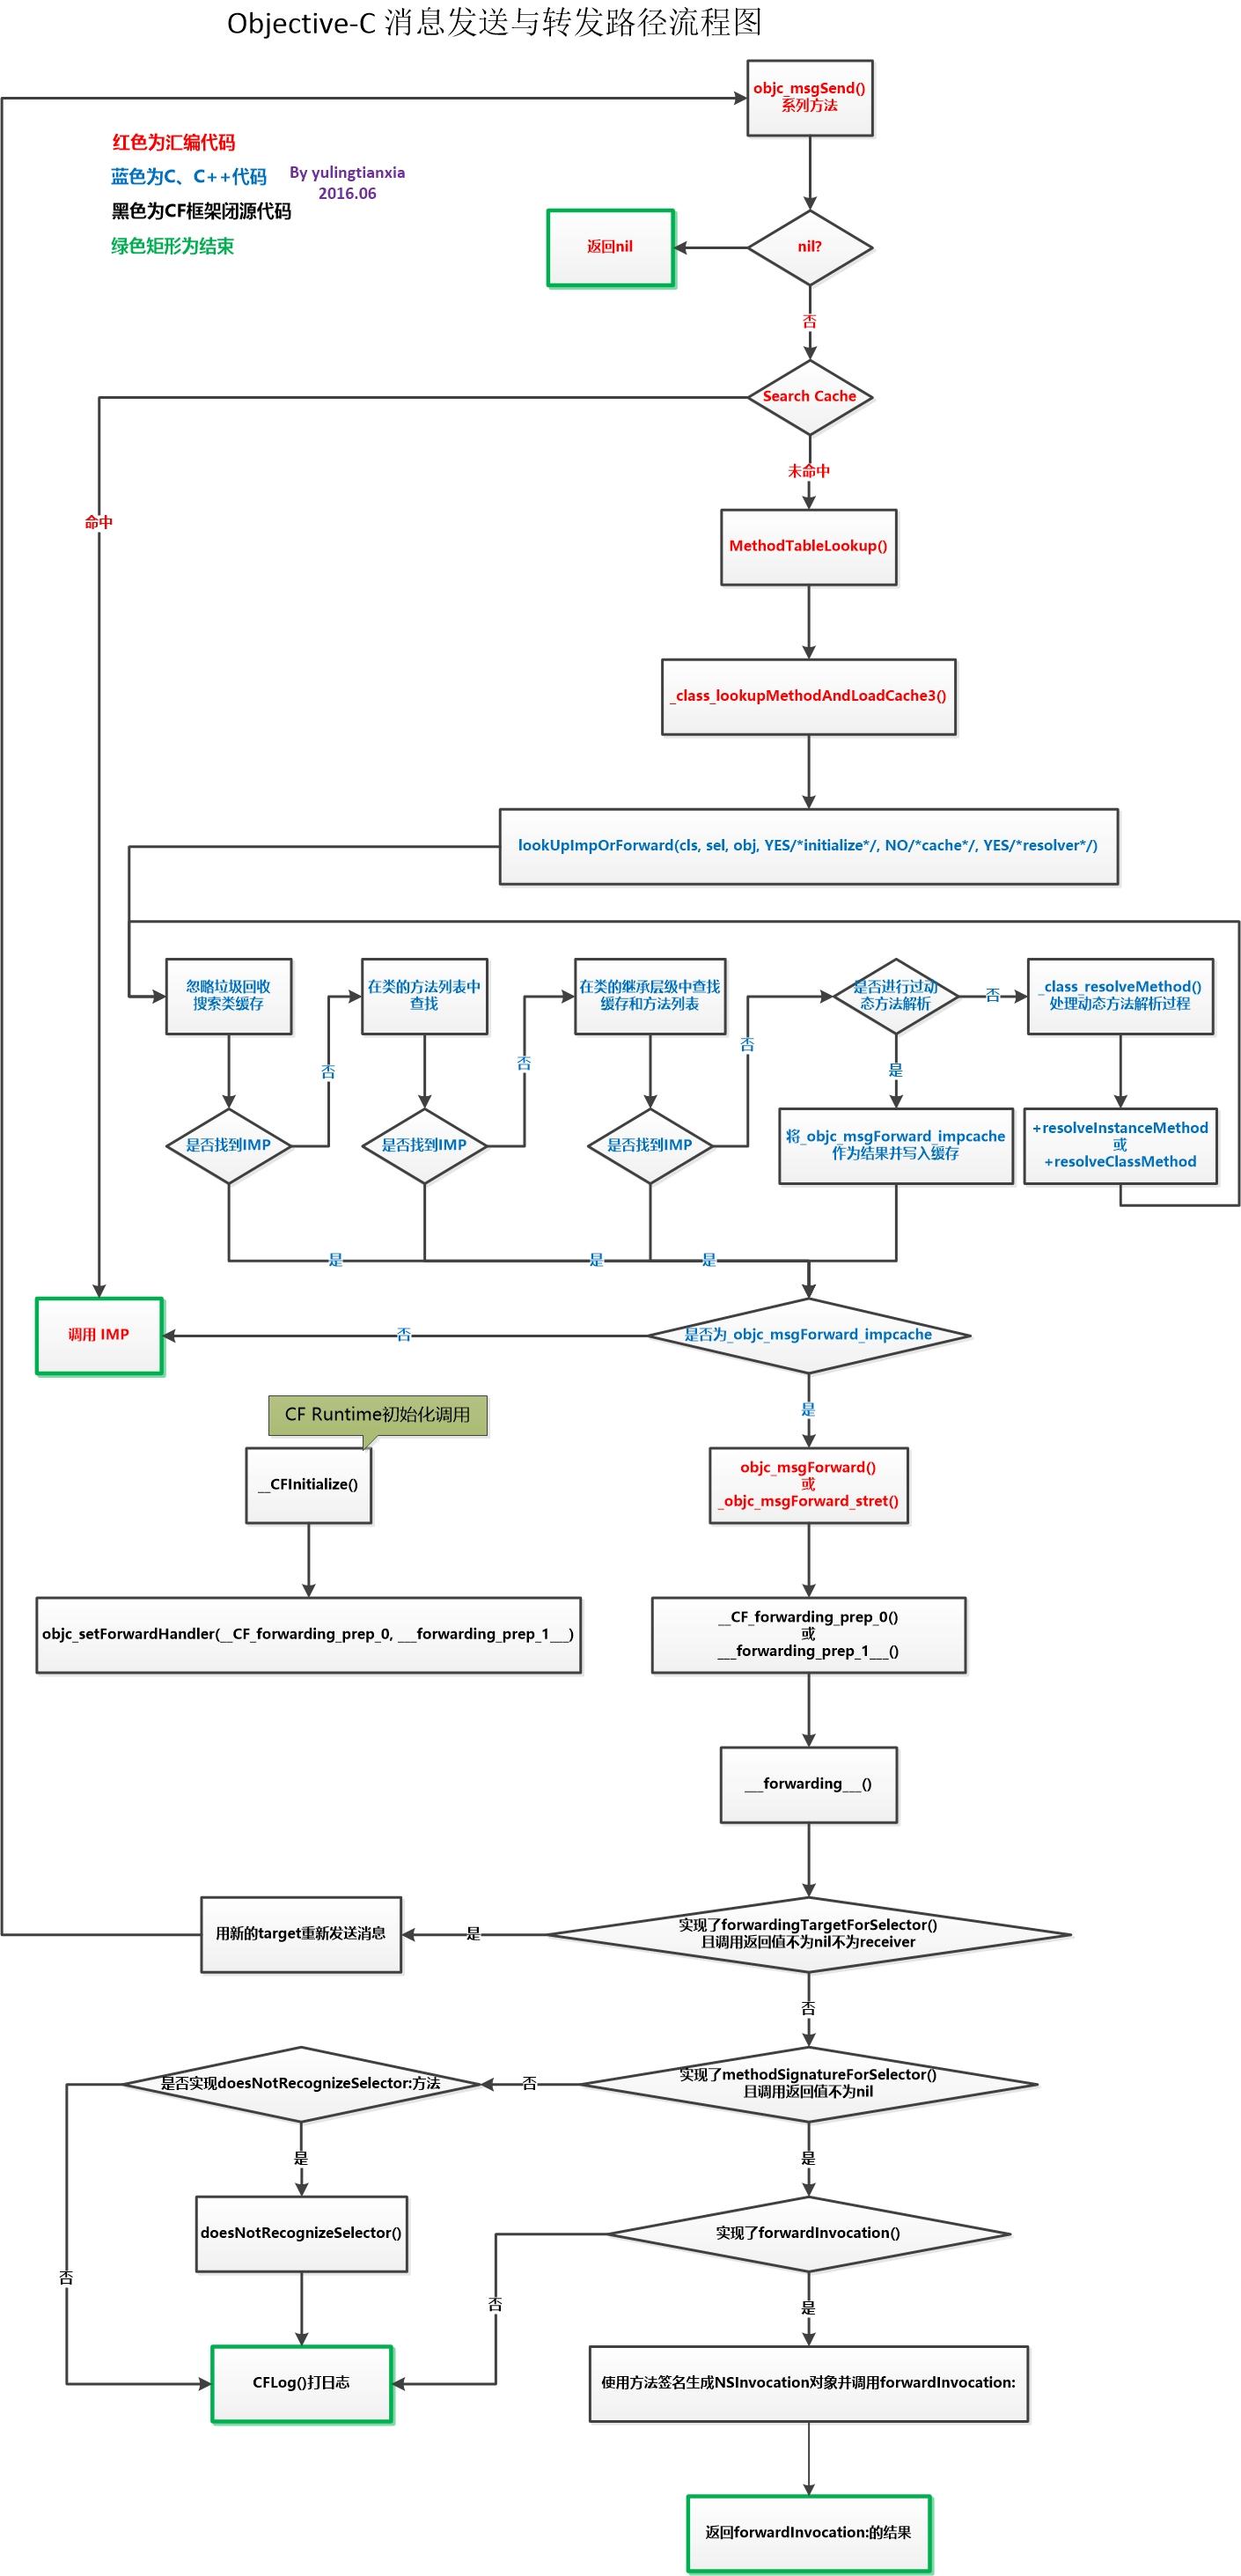 消息发送与转发路径流程图